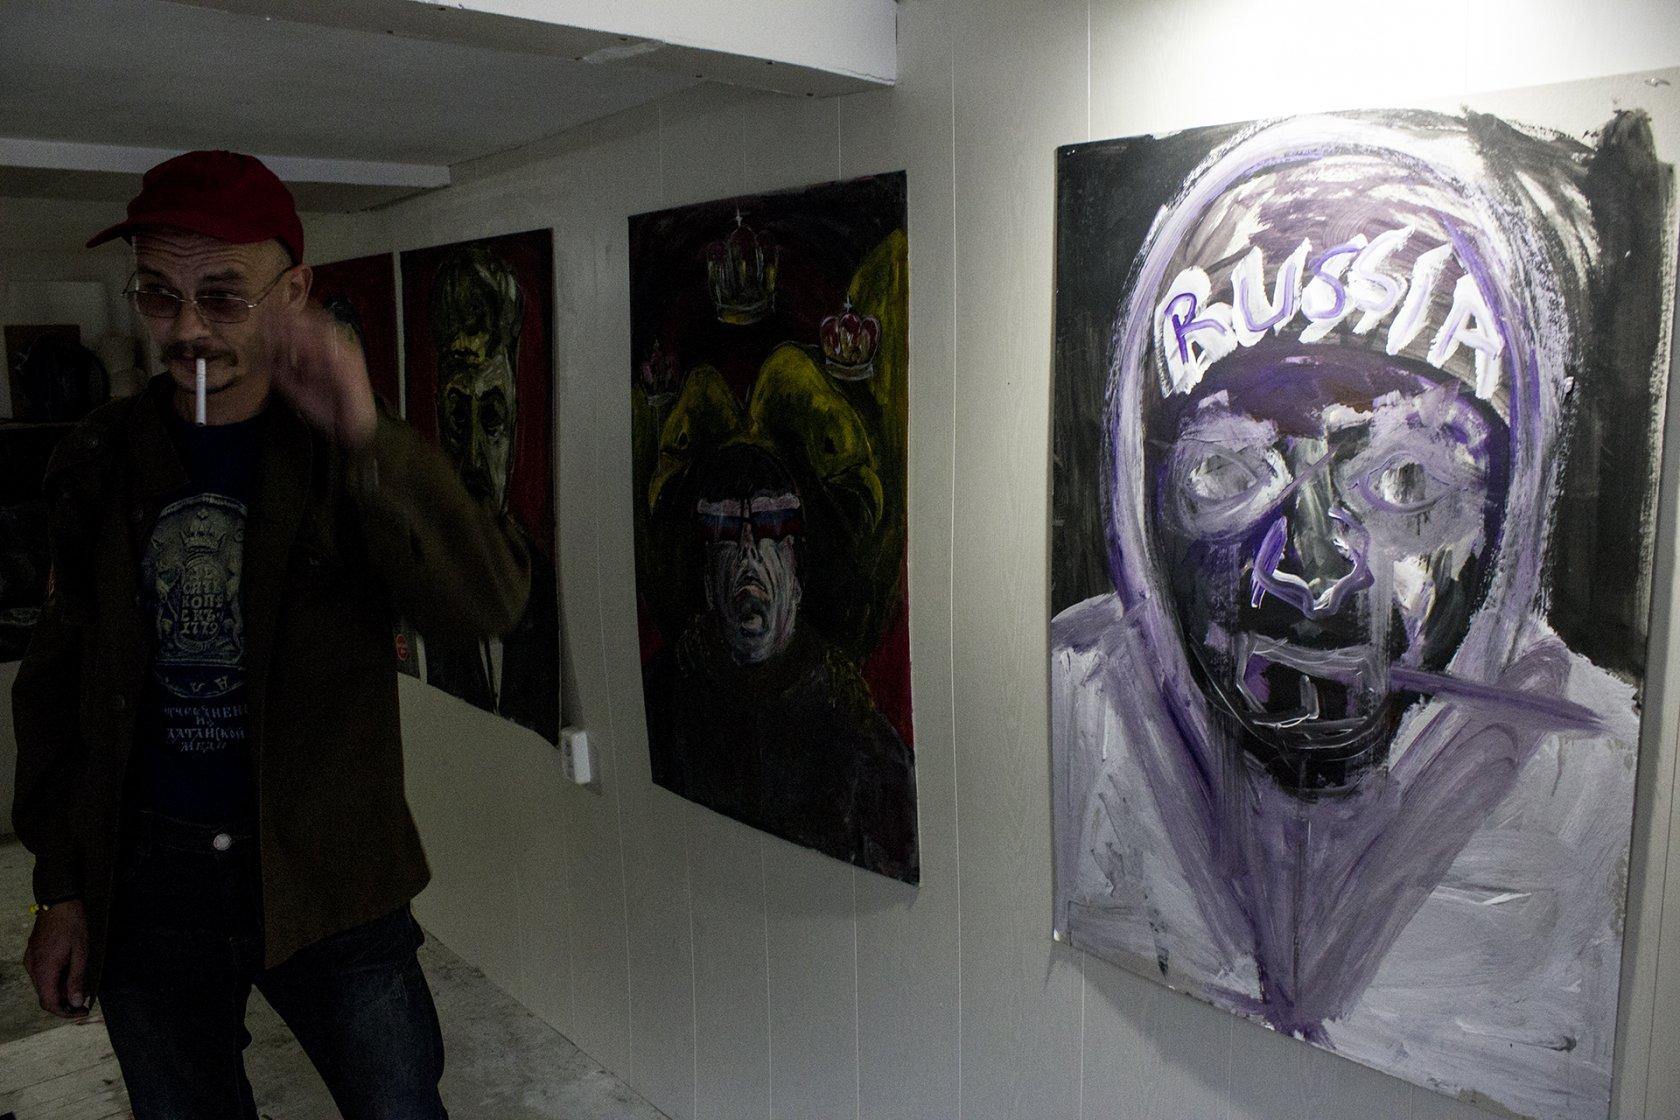 Филипп Крикунов, персональная выставка «Бомонд», сентябрь 2015, гараж, Новосибирск.